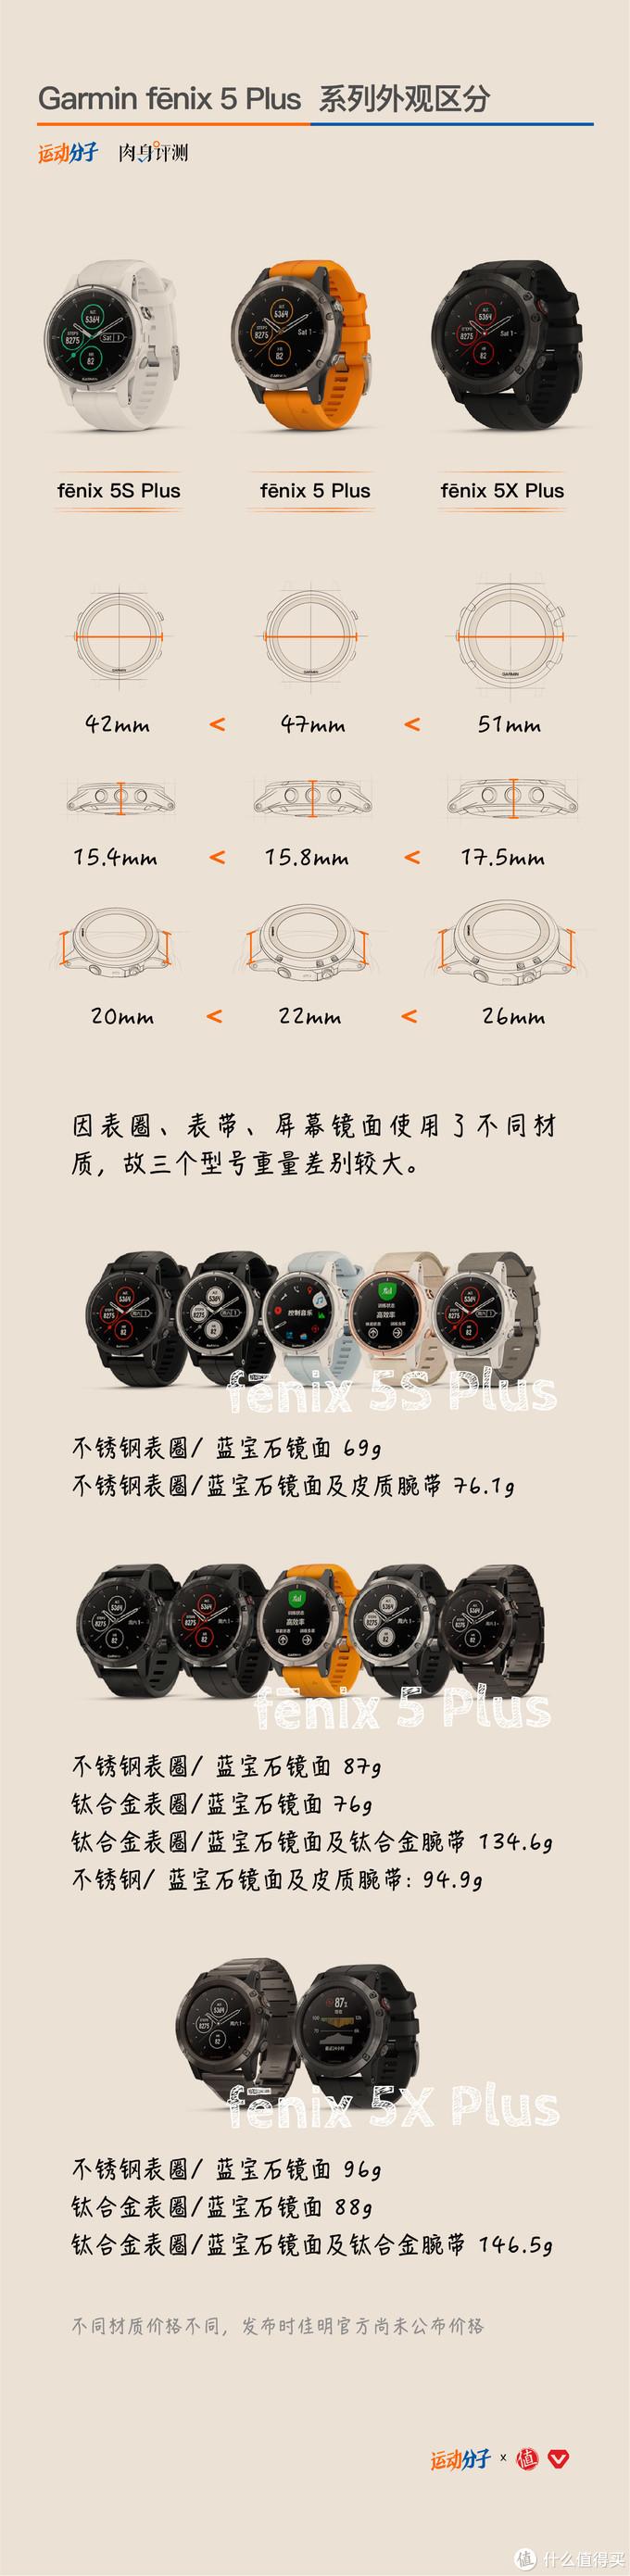 详细解读:佳明Garmin最新升级的fenix 5 Plus系列,有哪些看点?